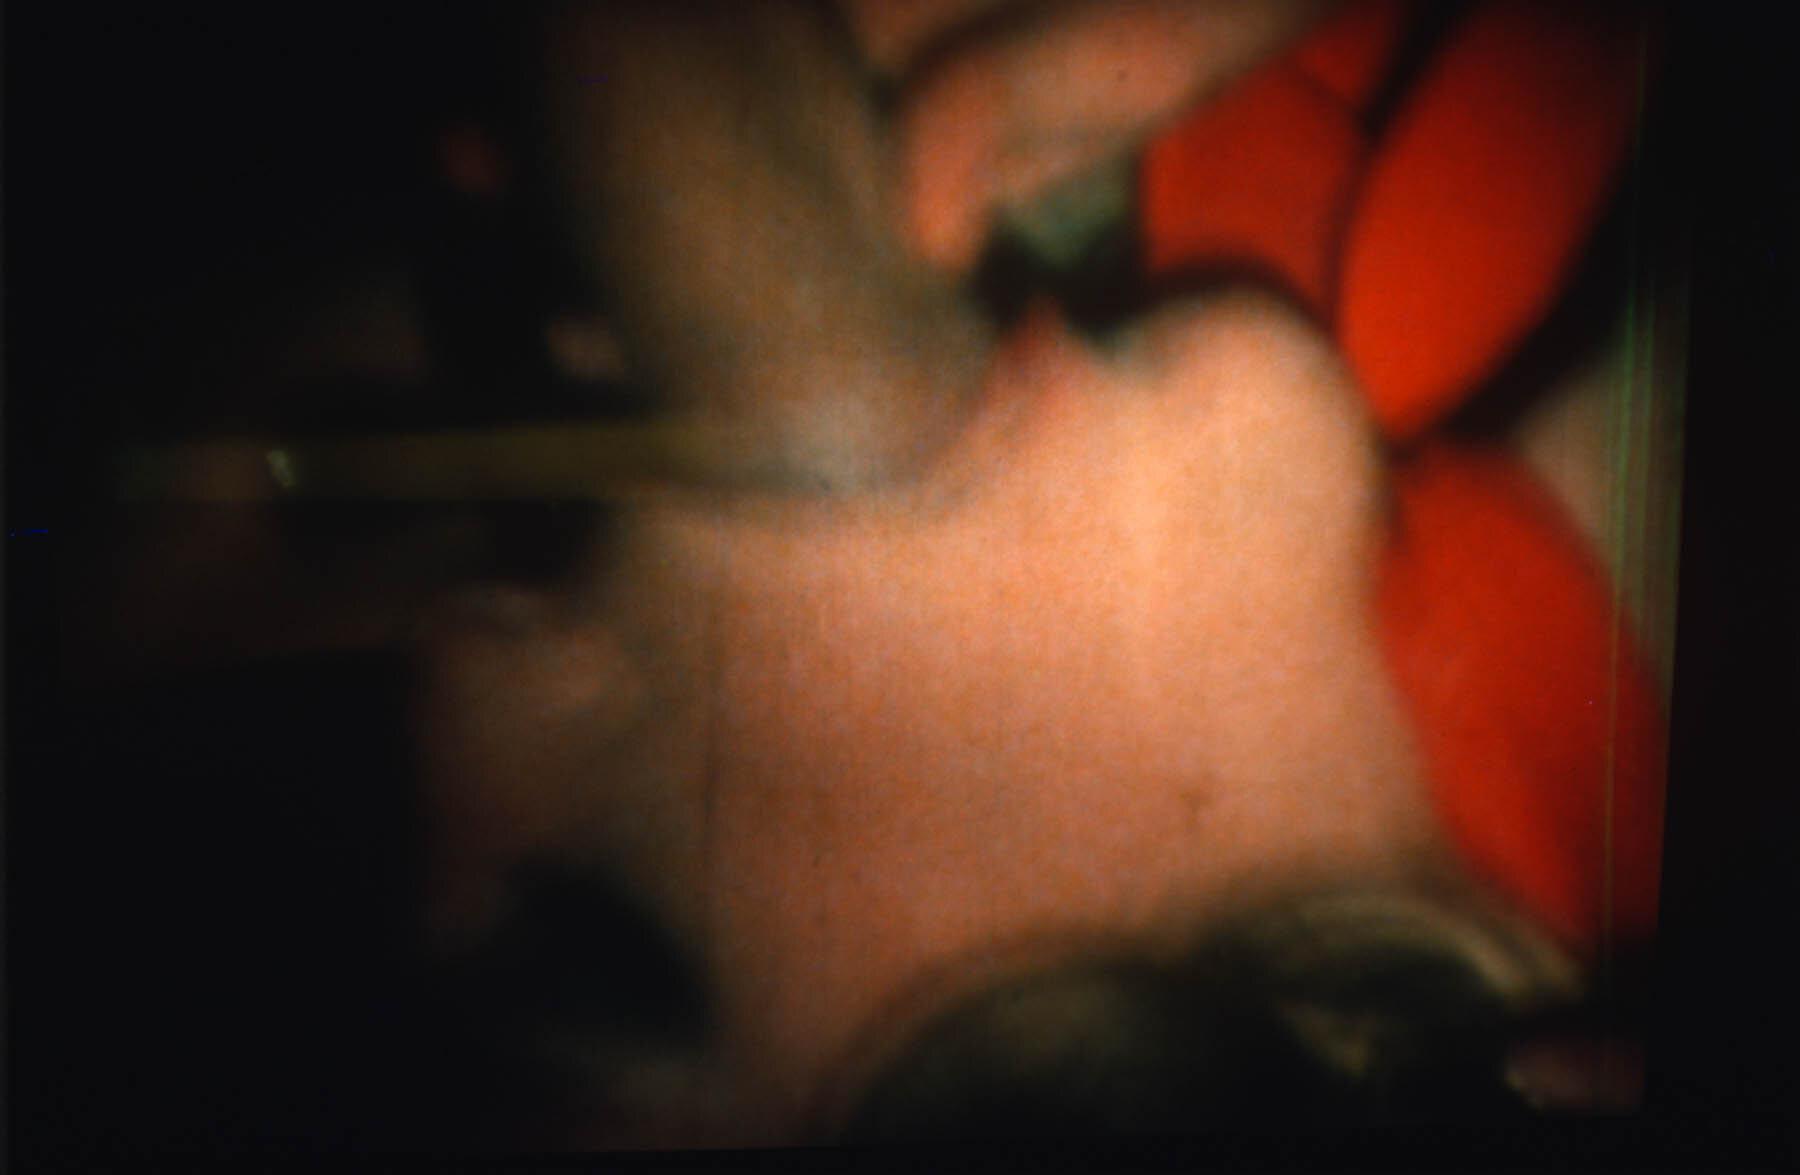 peephole11.jpg